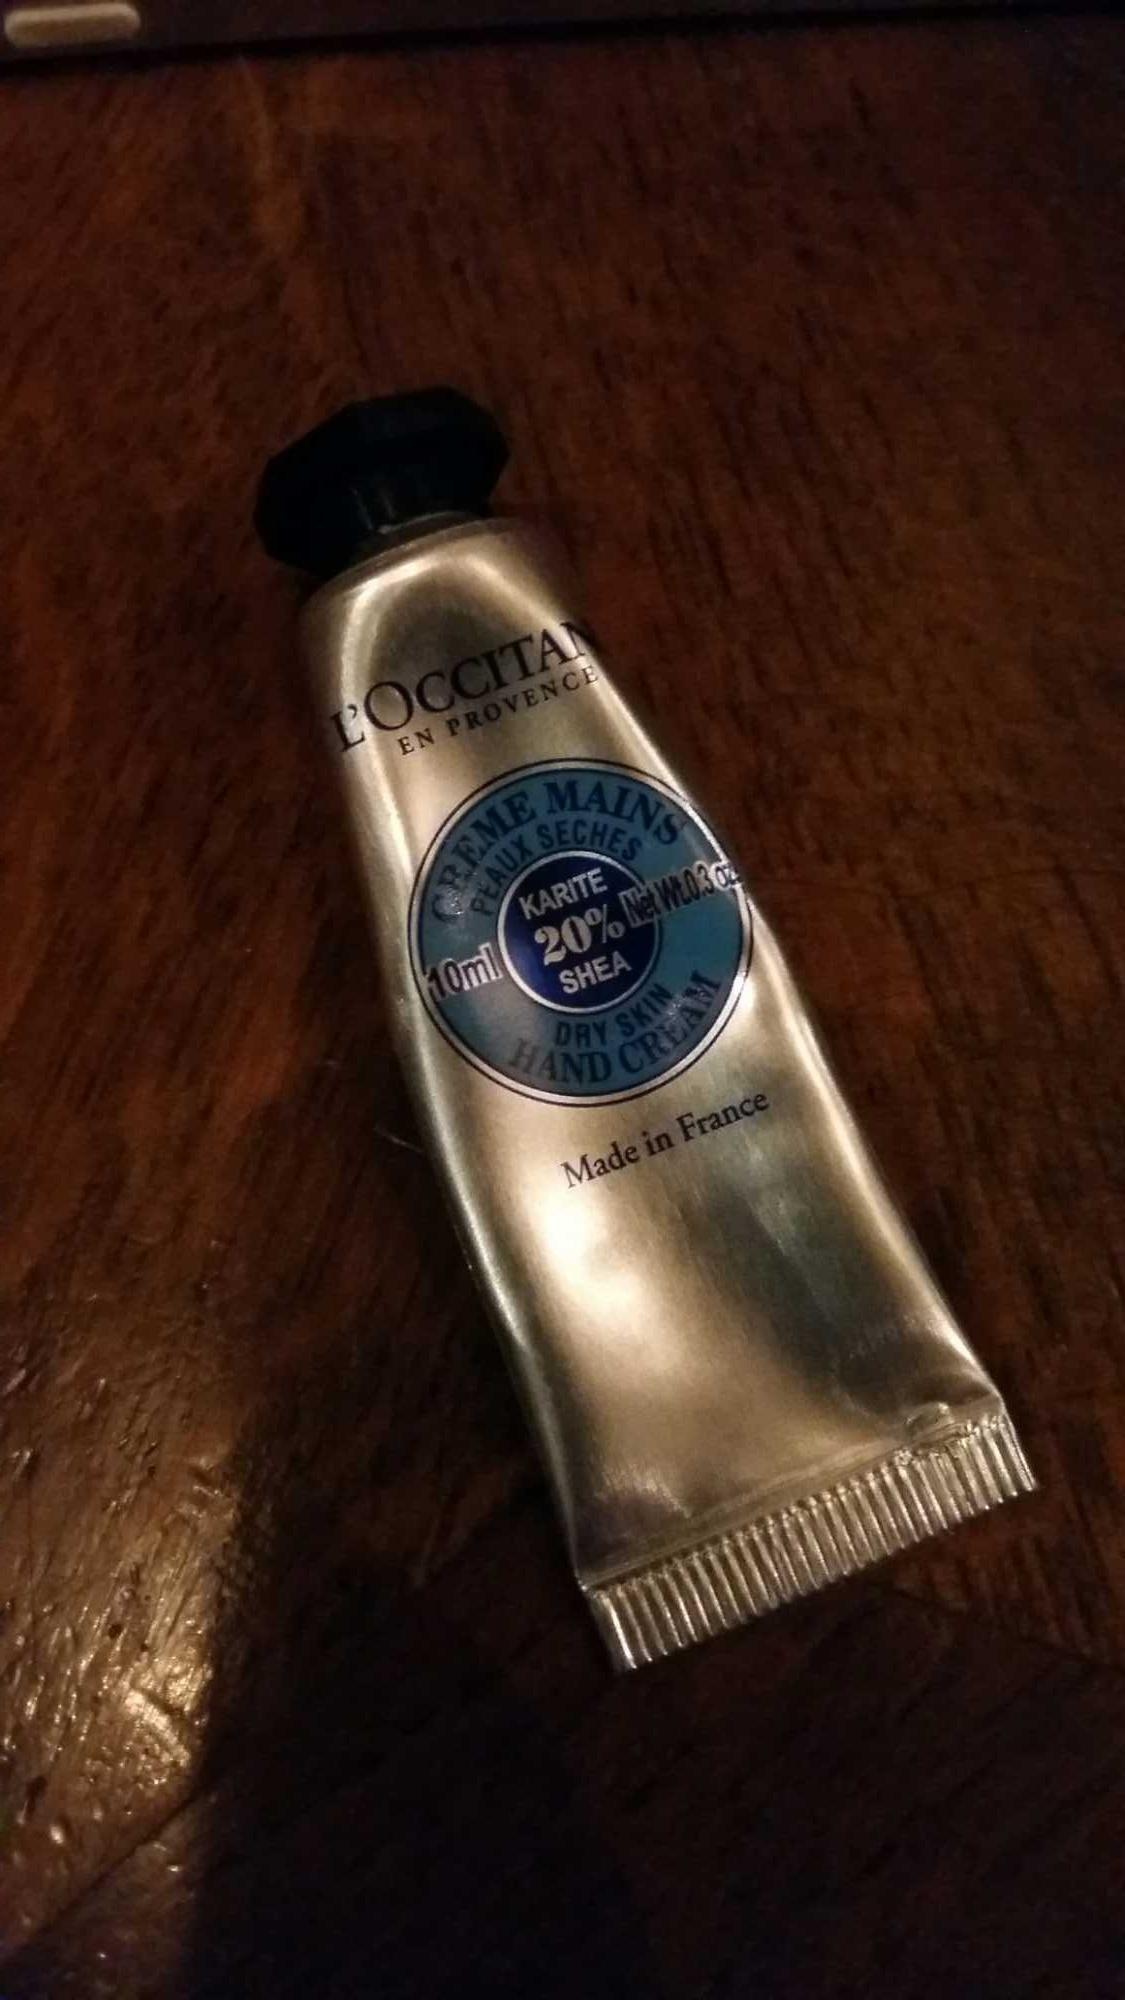 Crème mains Karité 20% - Produit - fr